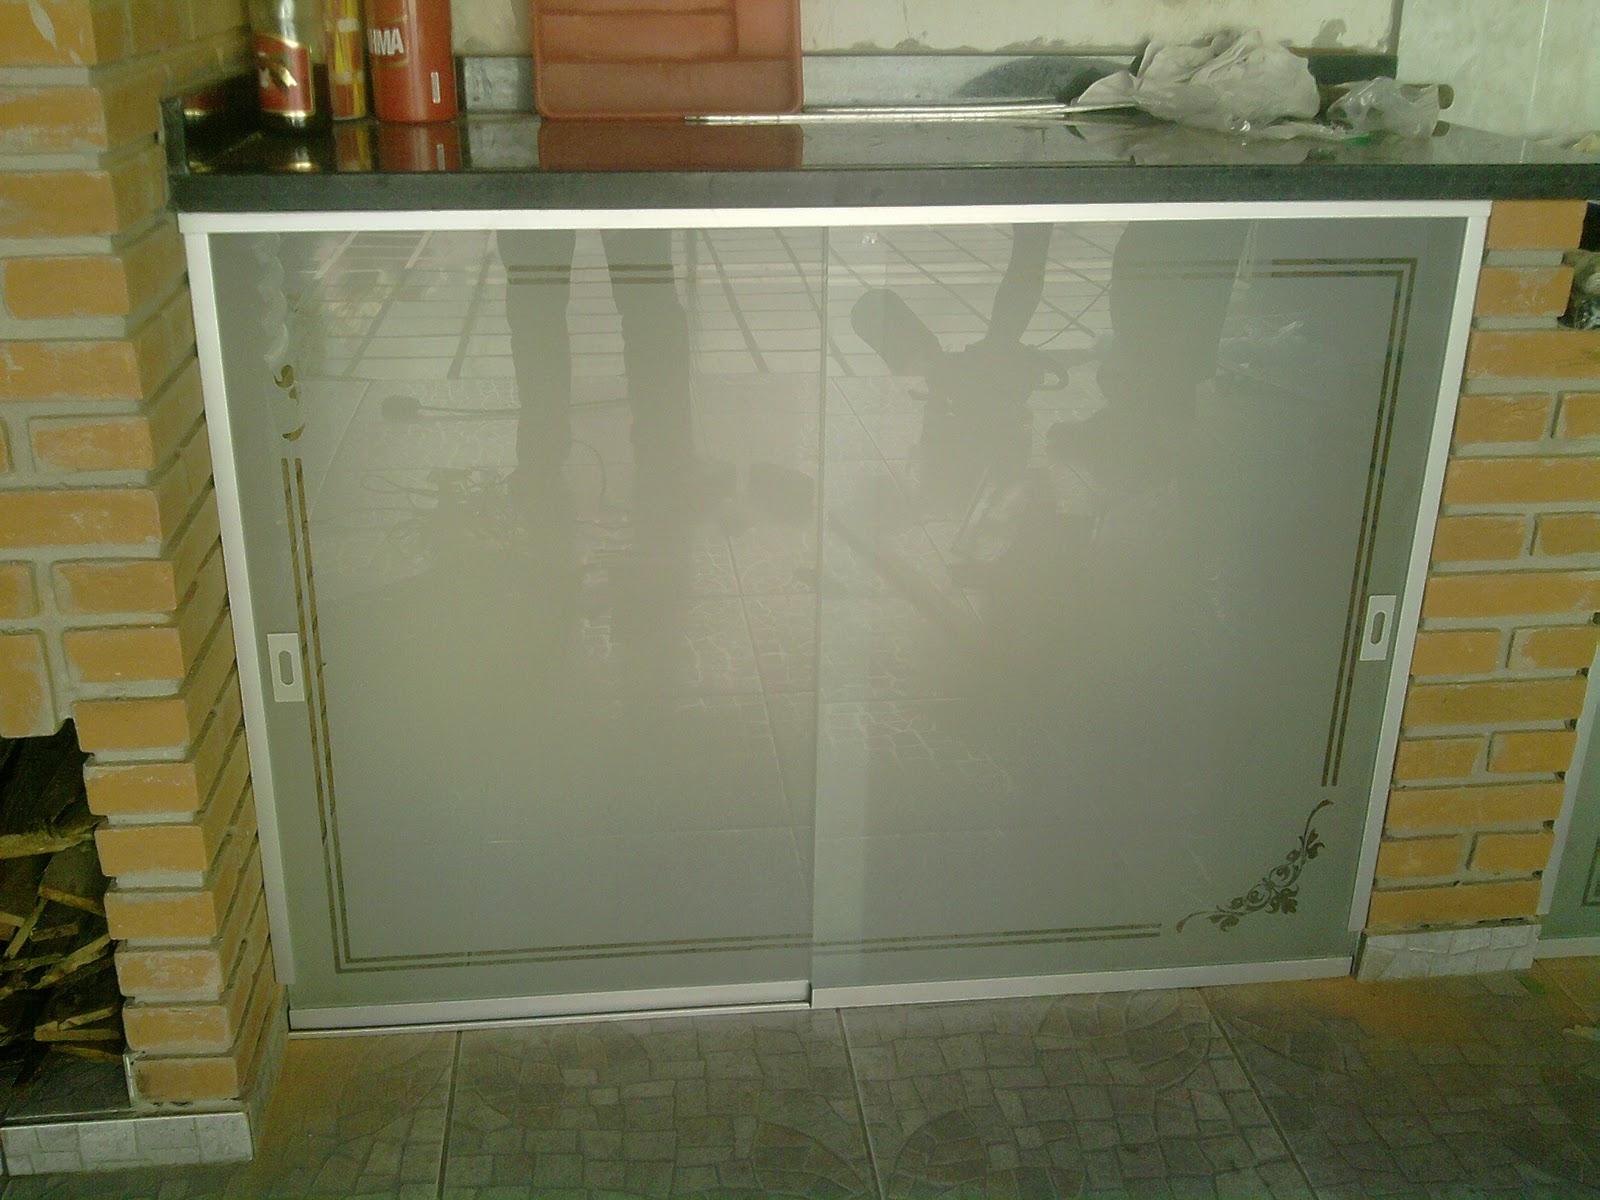 VIDROS JATEADOS e TEMPERADOS: Pia com vidro temperado e jateado #674823 1600 1200